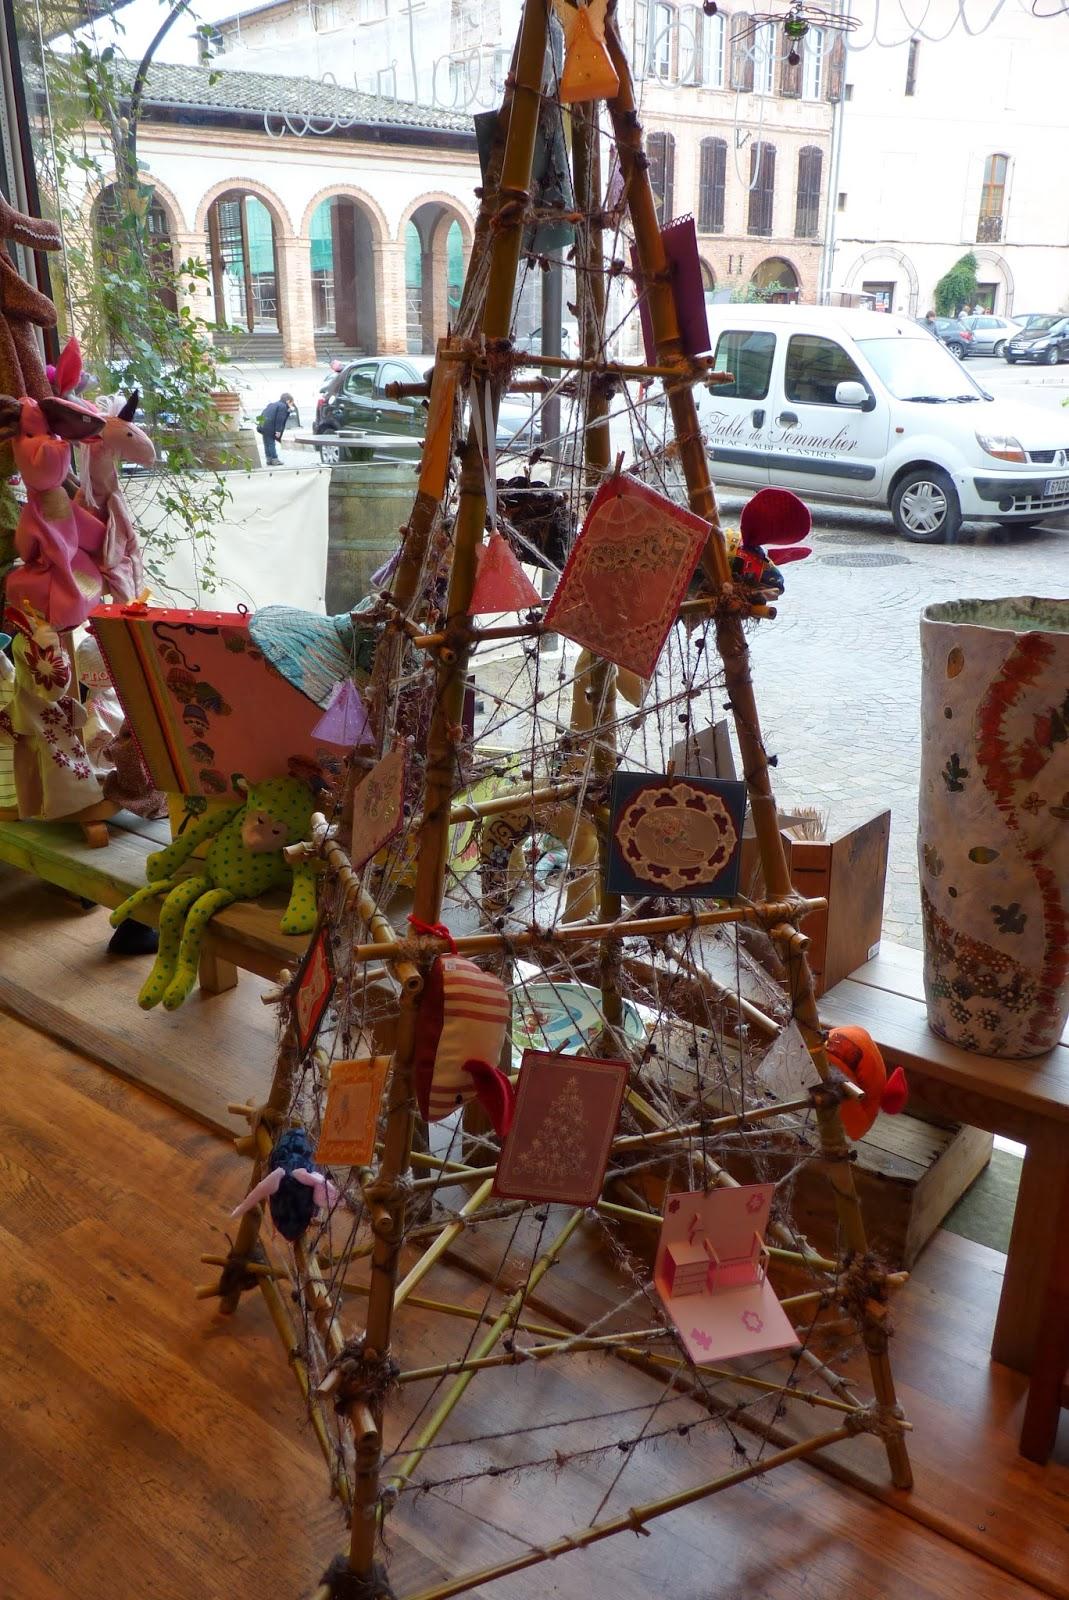 Peintures et chambre d 39 enfants l 39 arbre aux couleurs for Chambre commerciale 13 novembre 2013